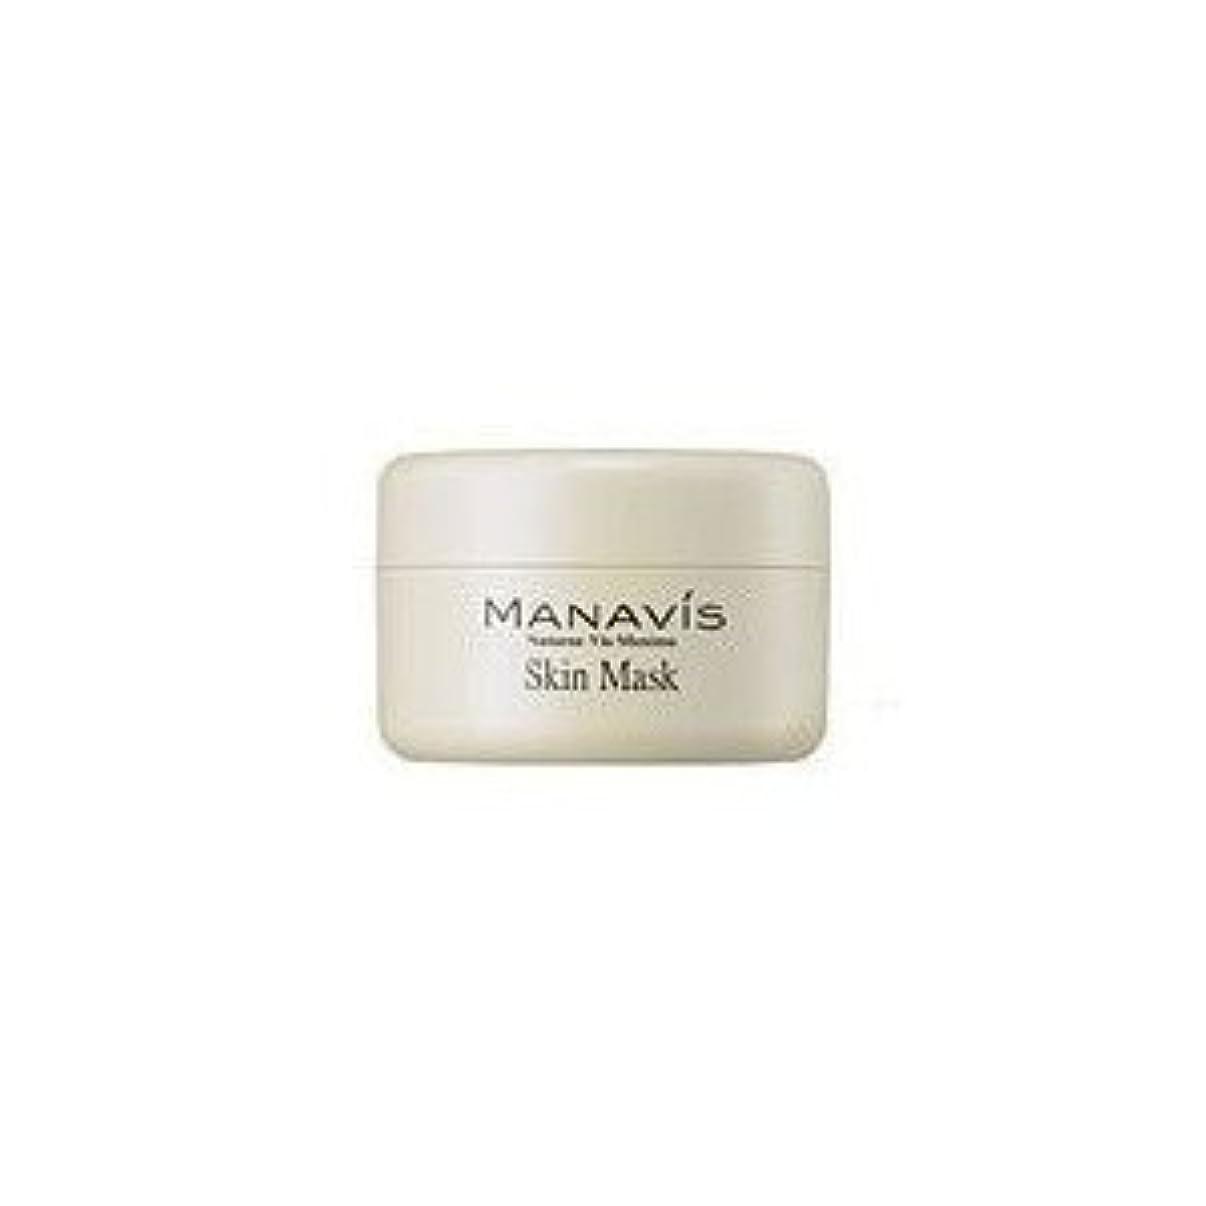 意欲賛美歌成熟MANAVIS マナビス化粧品 薬用スキンマスク